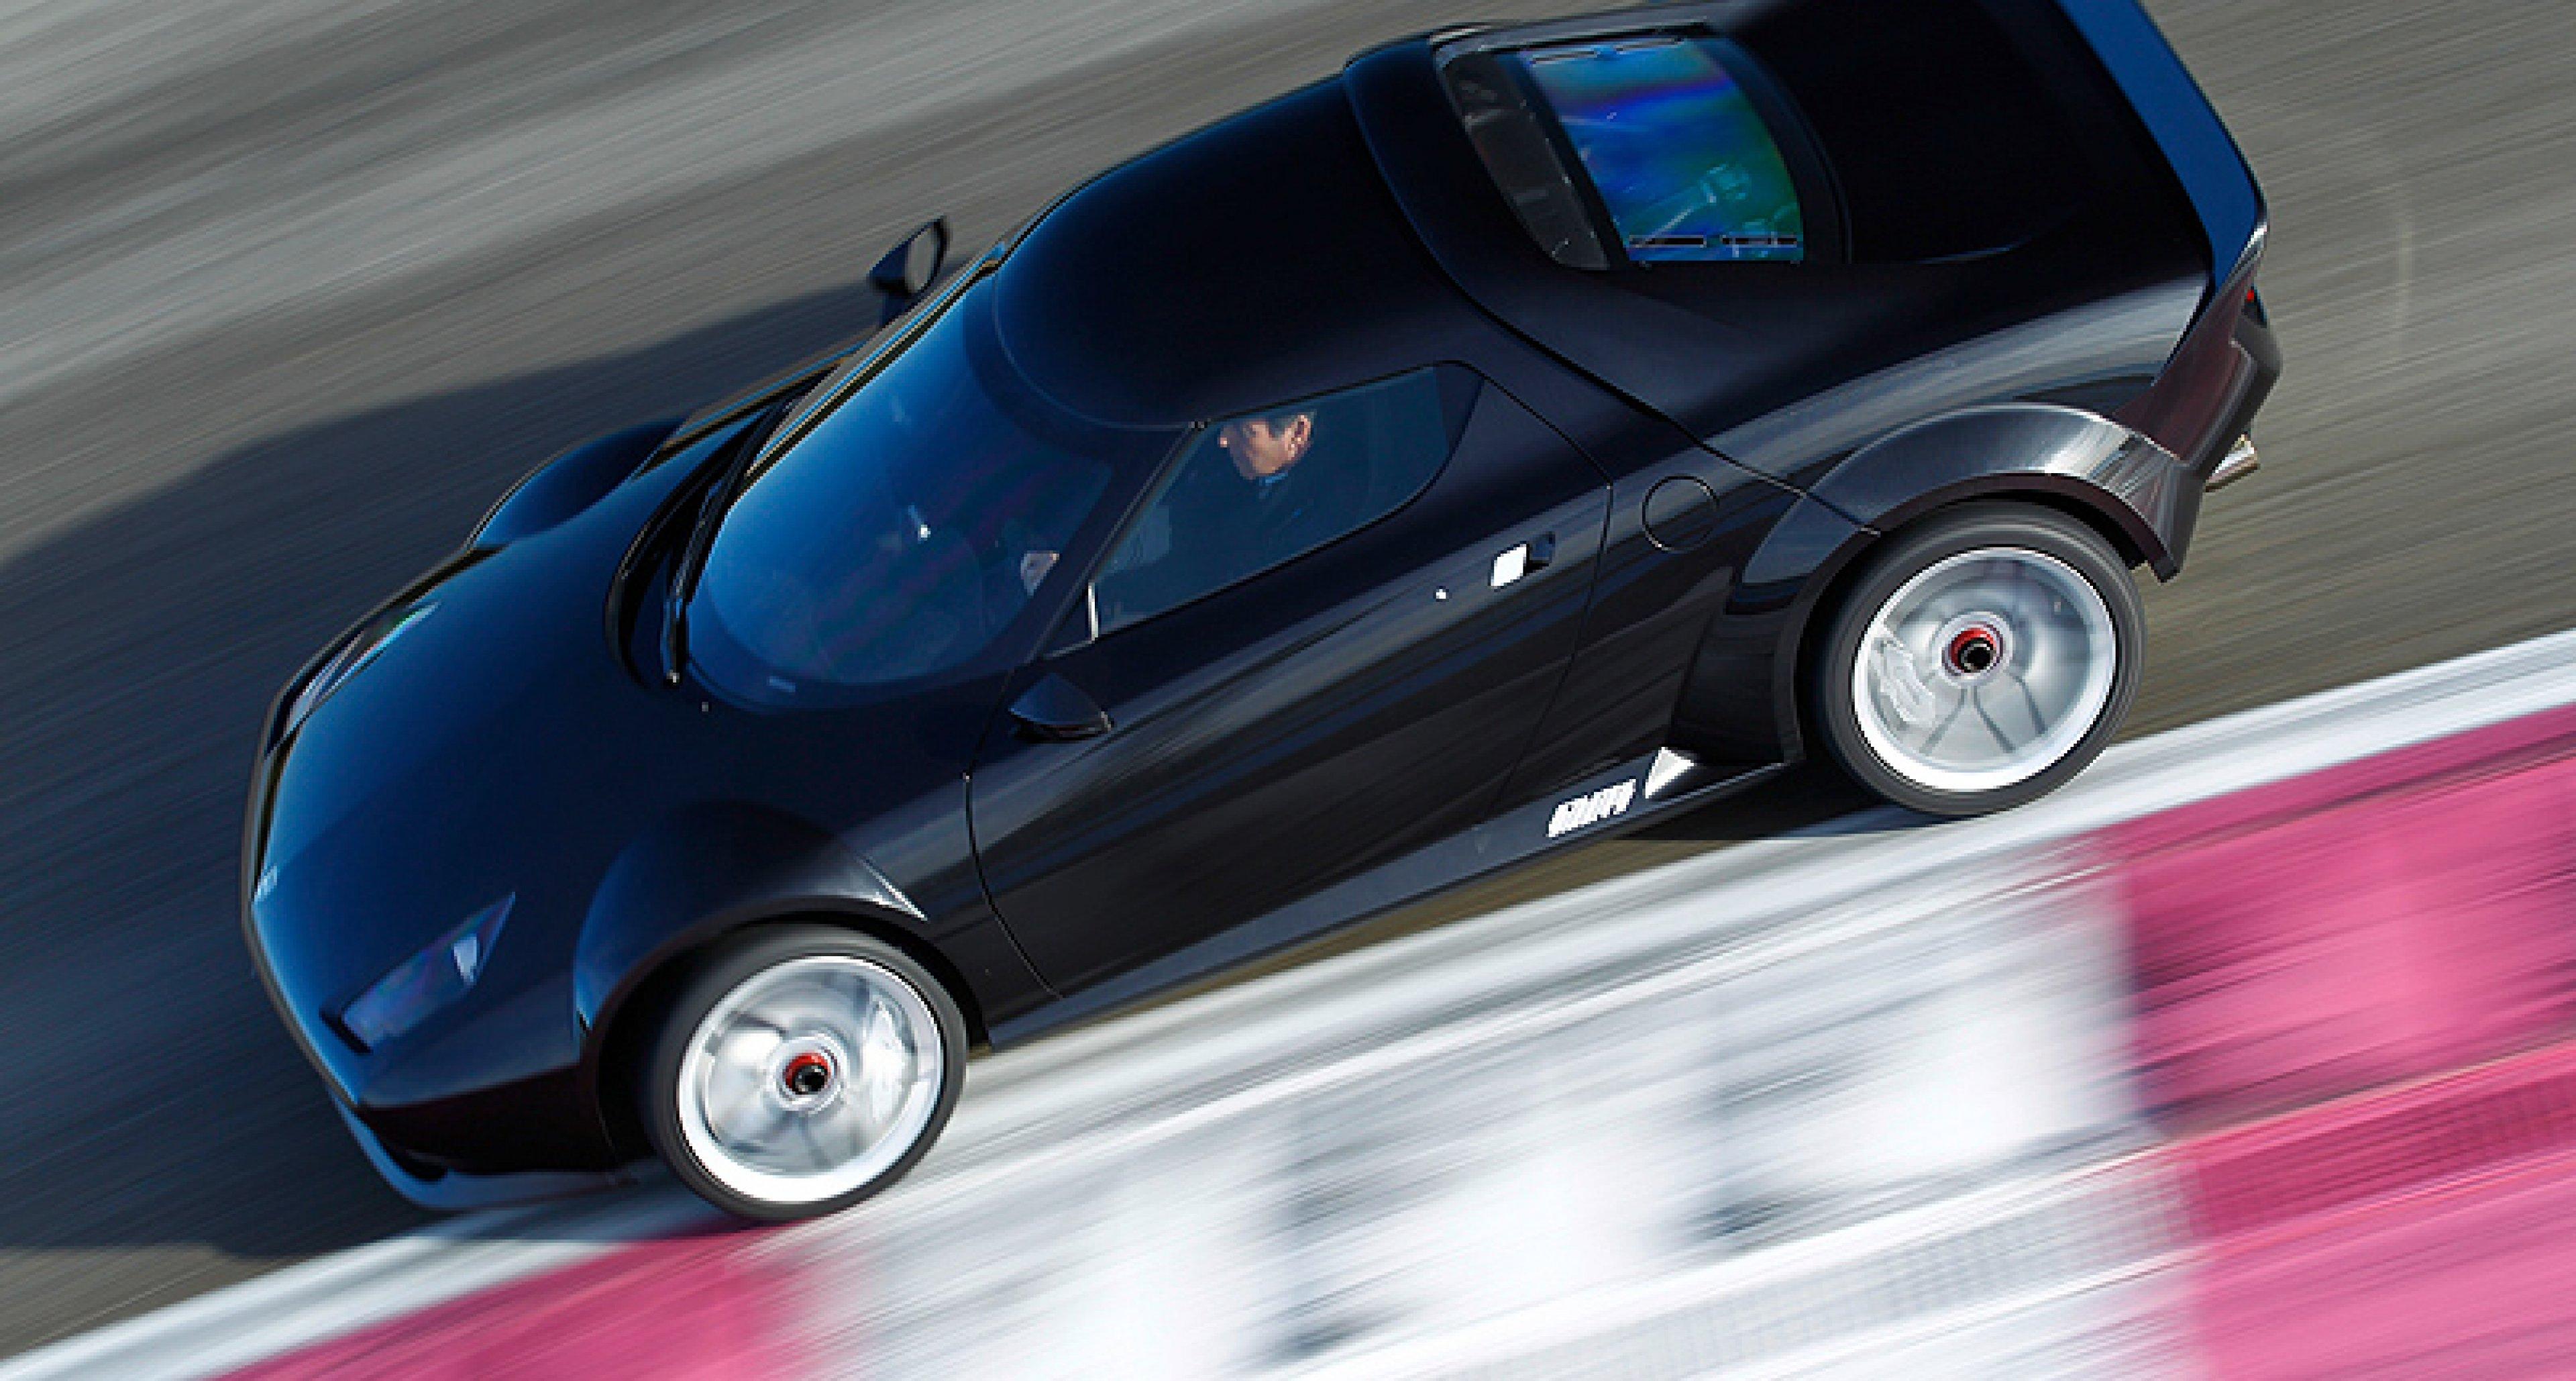 New Stratos: Keine Produktion ohne OK von Ferrari?